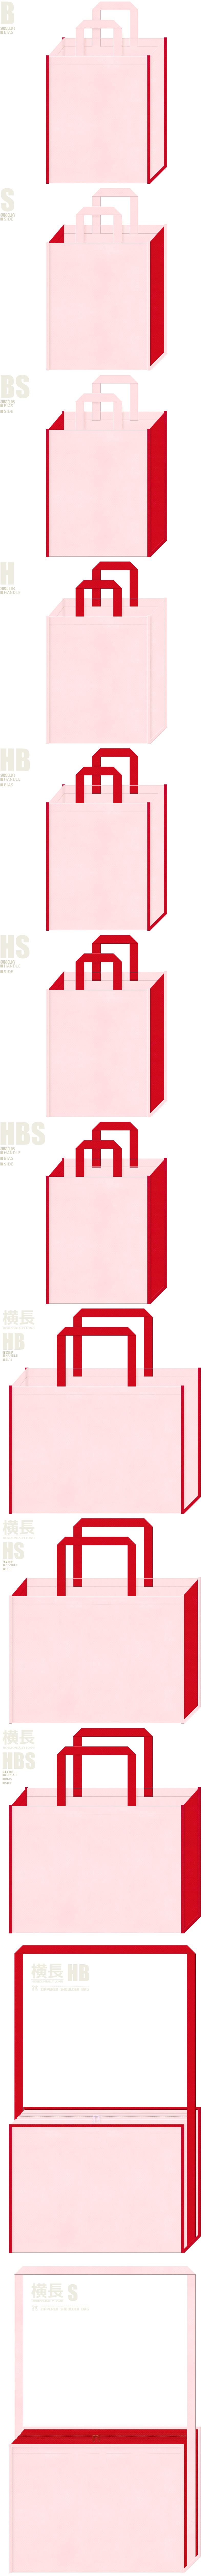 舞踊・婚礼・いちご・ハート・母の日・ひな祭りのイメージにお奨めの不織布バッグデザイン:桜色と紅色の配色7パターン。